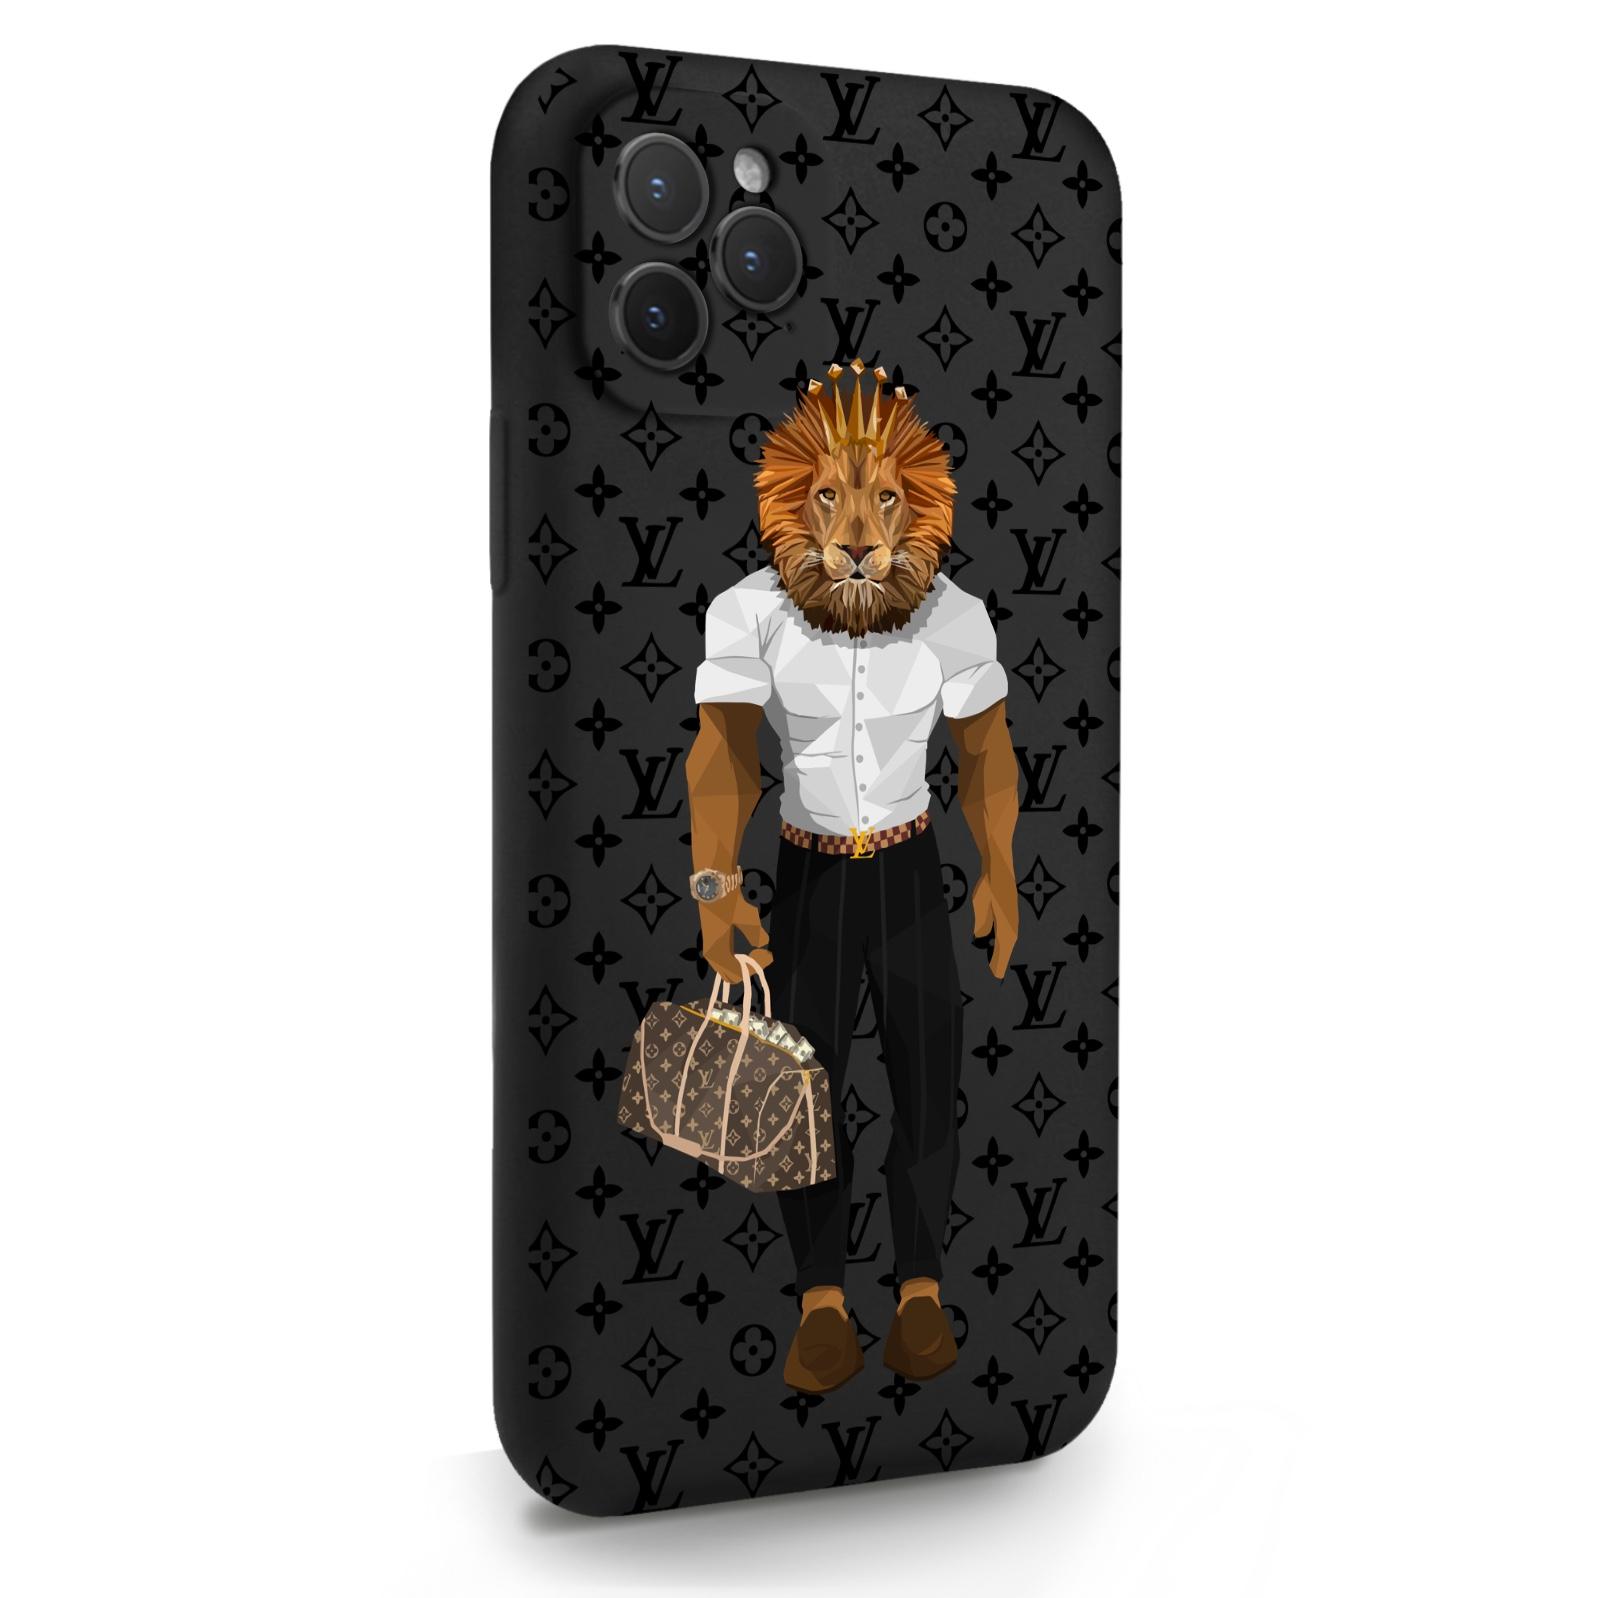 Черный силиконовый чехол для iPhone 11 Pro LV Lion для Айфон 11 Про